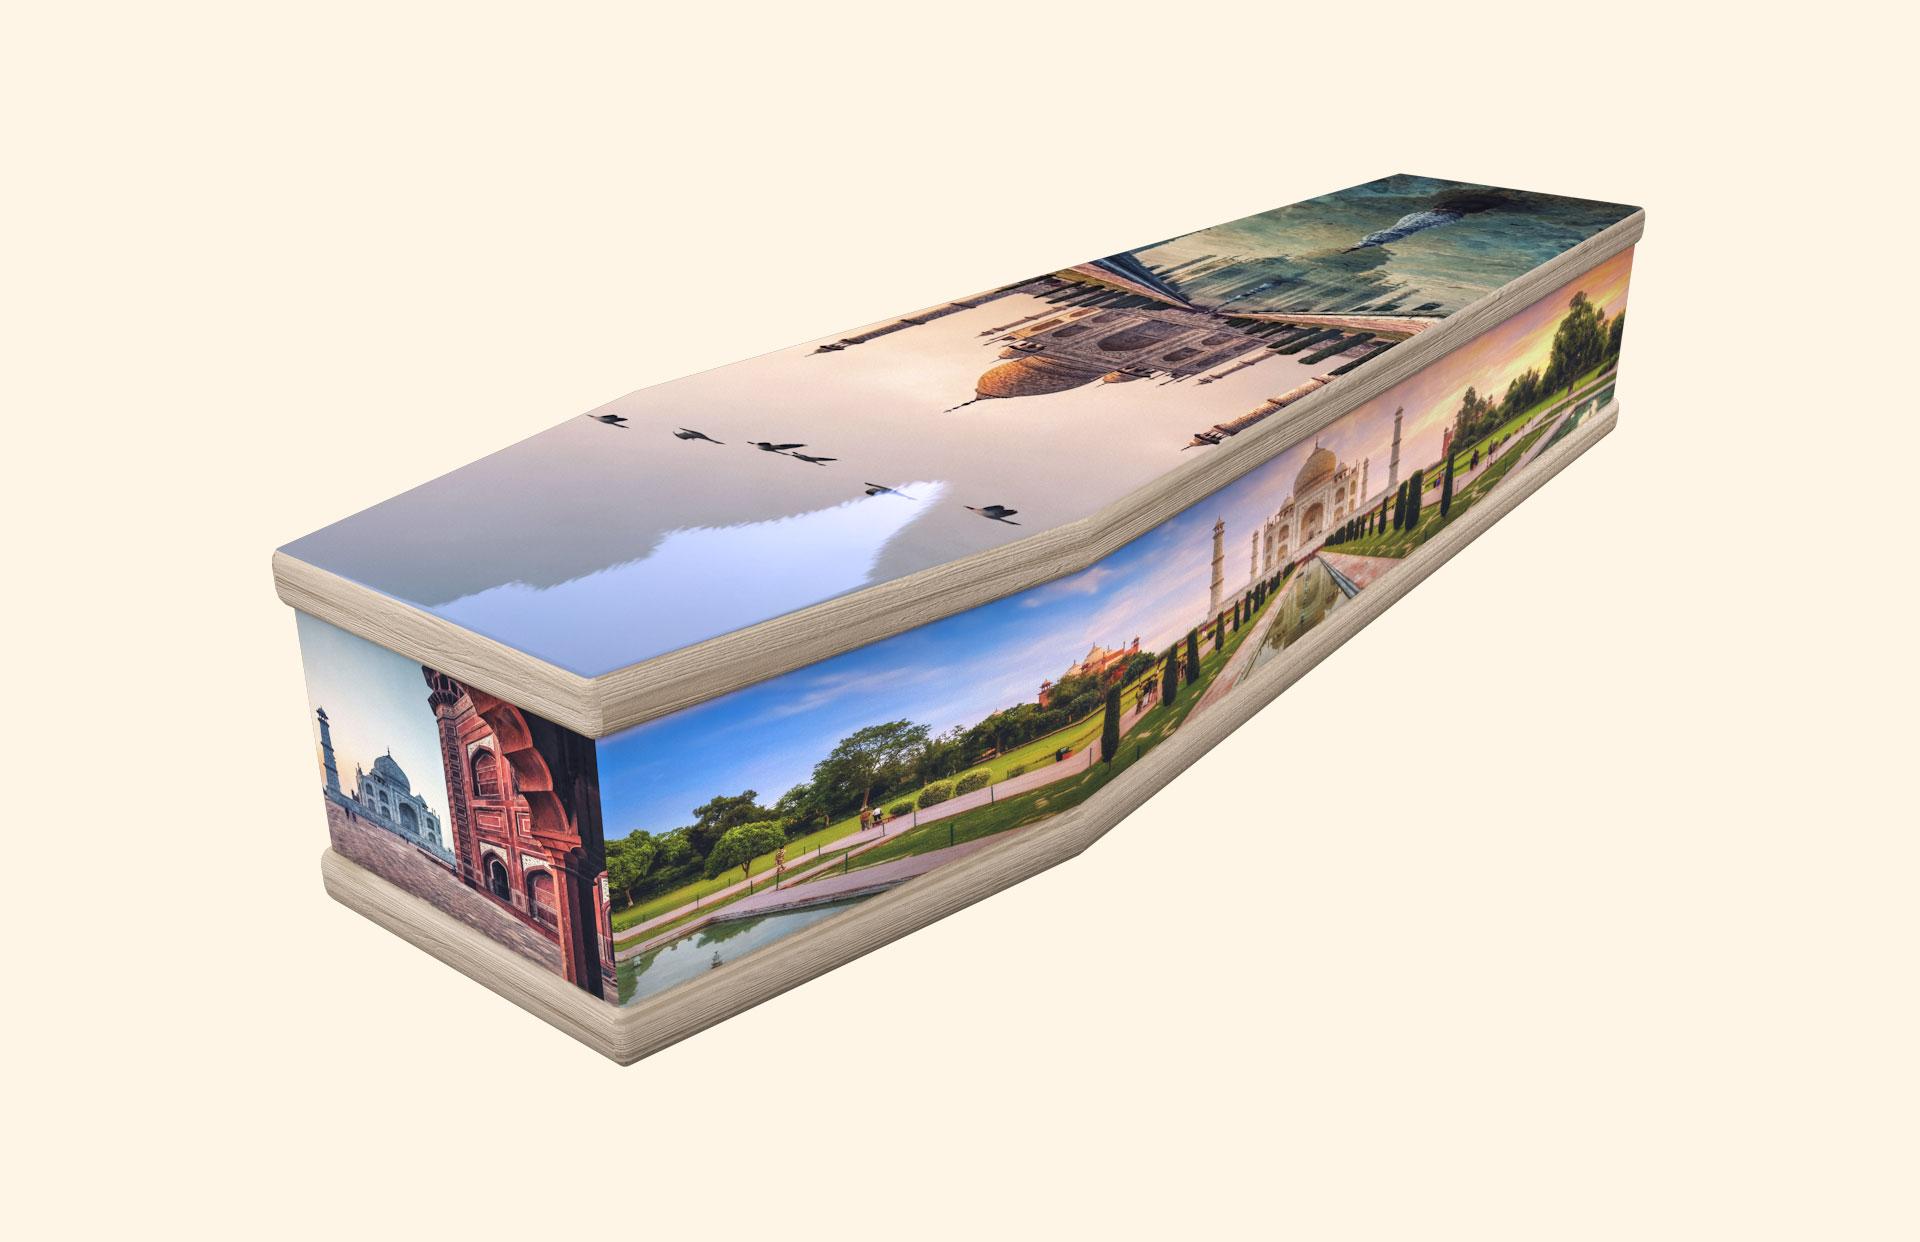 Taj Mahal classic coffin